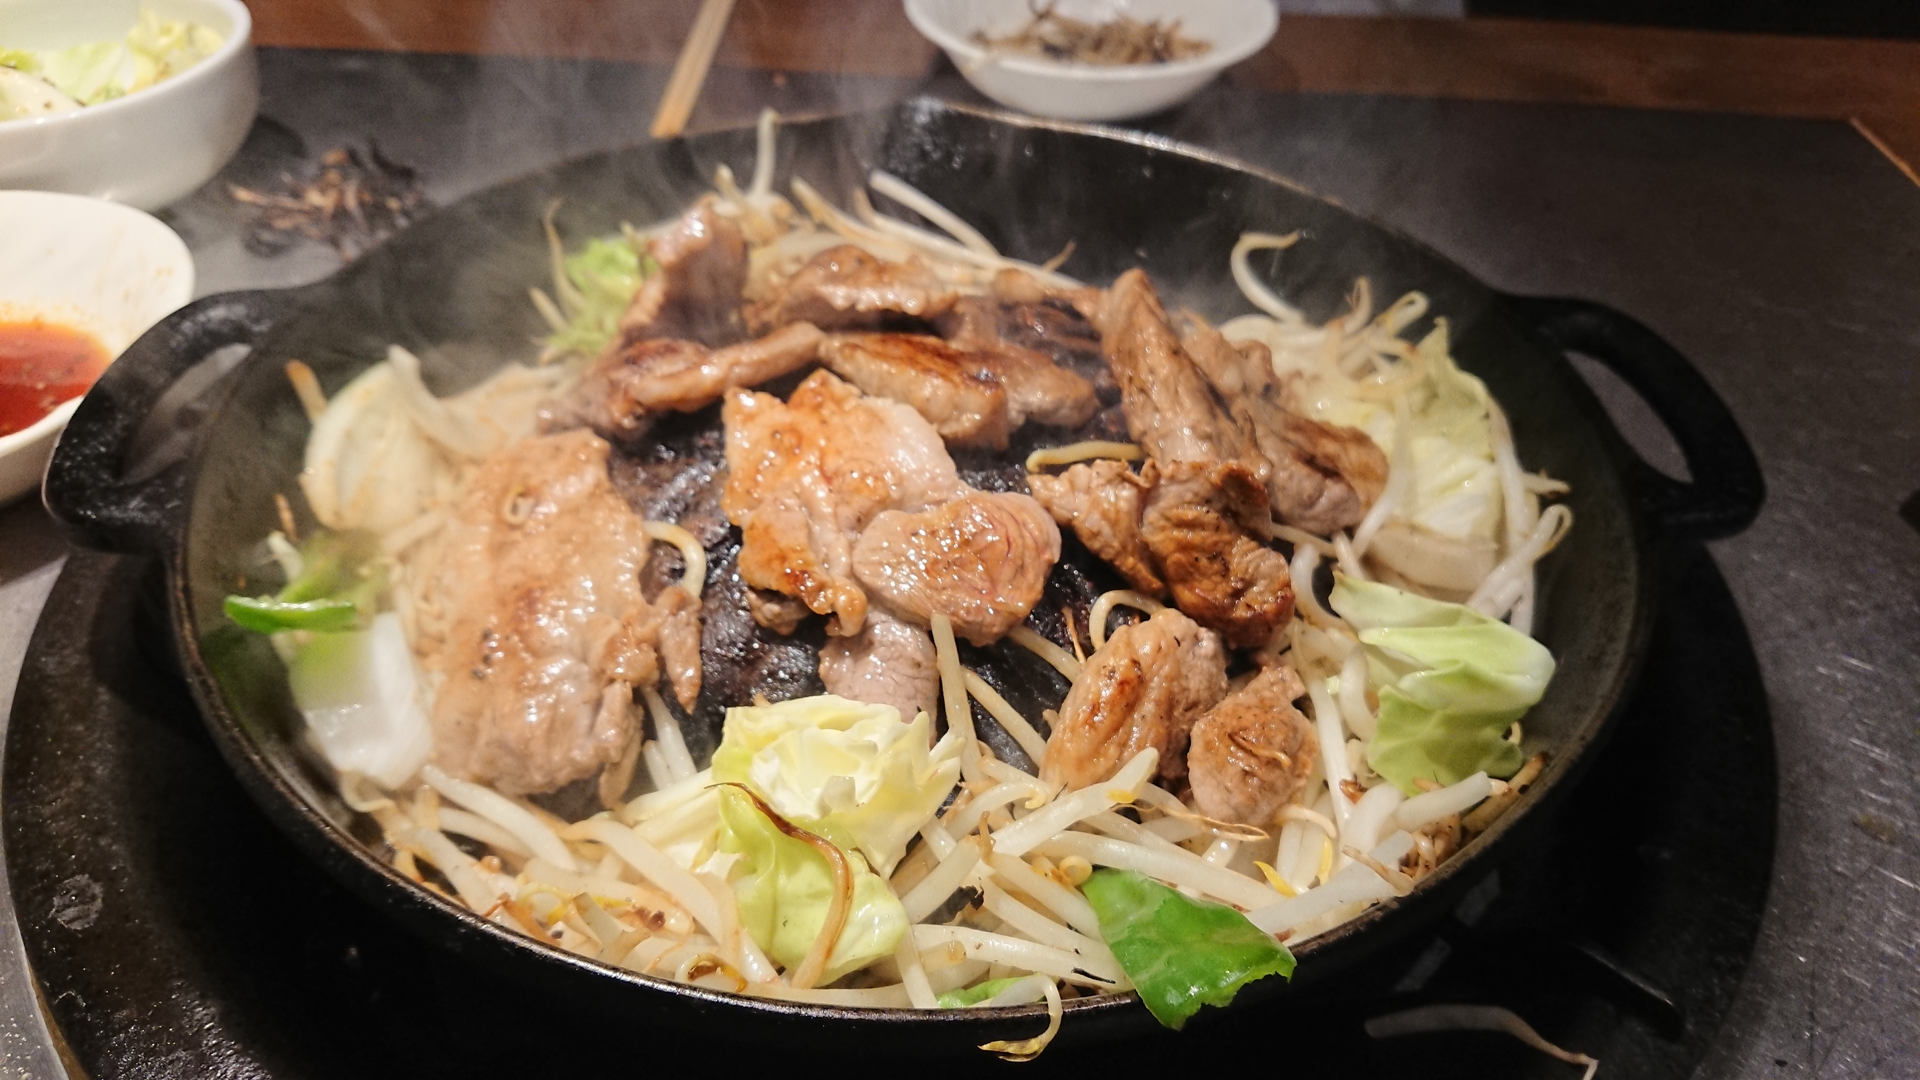 [하코다테] 징기스칸 메이메이테이 - 하코다테에서..